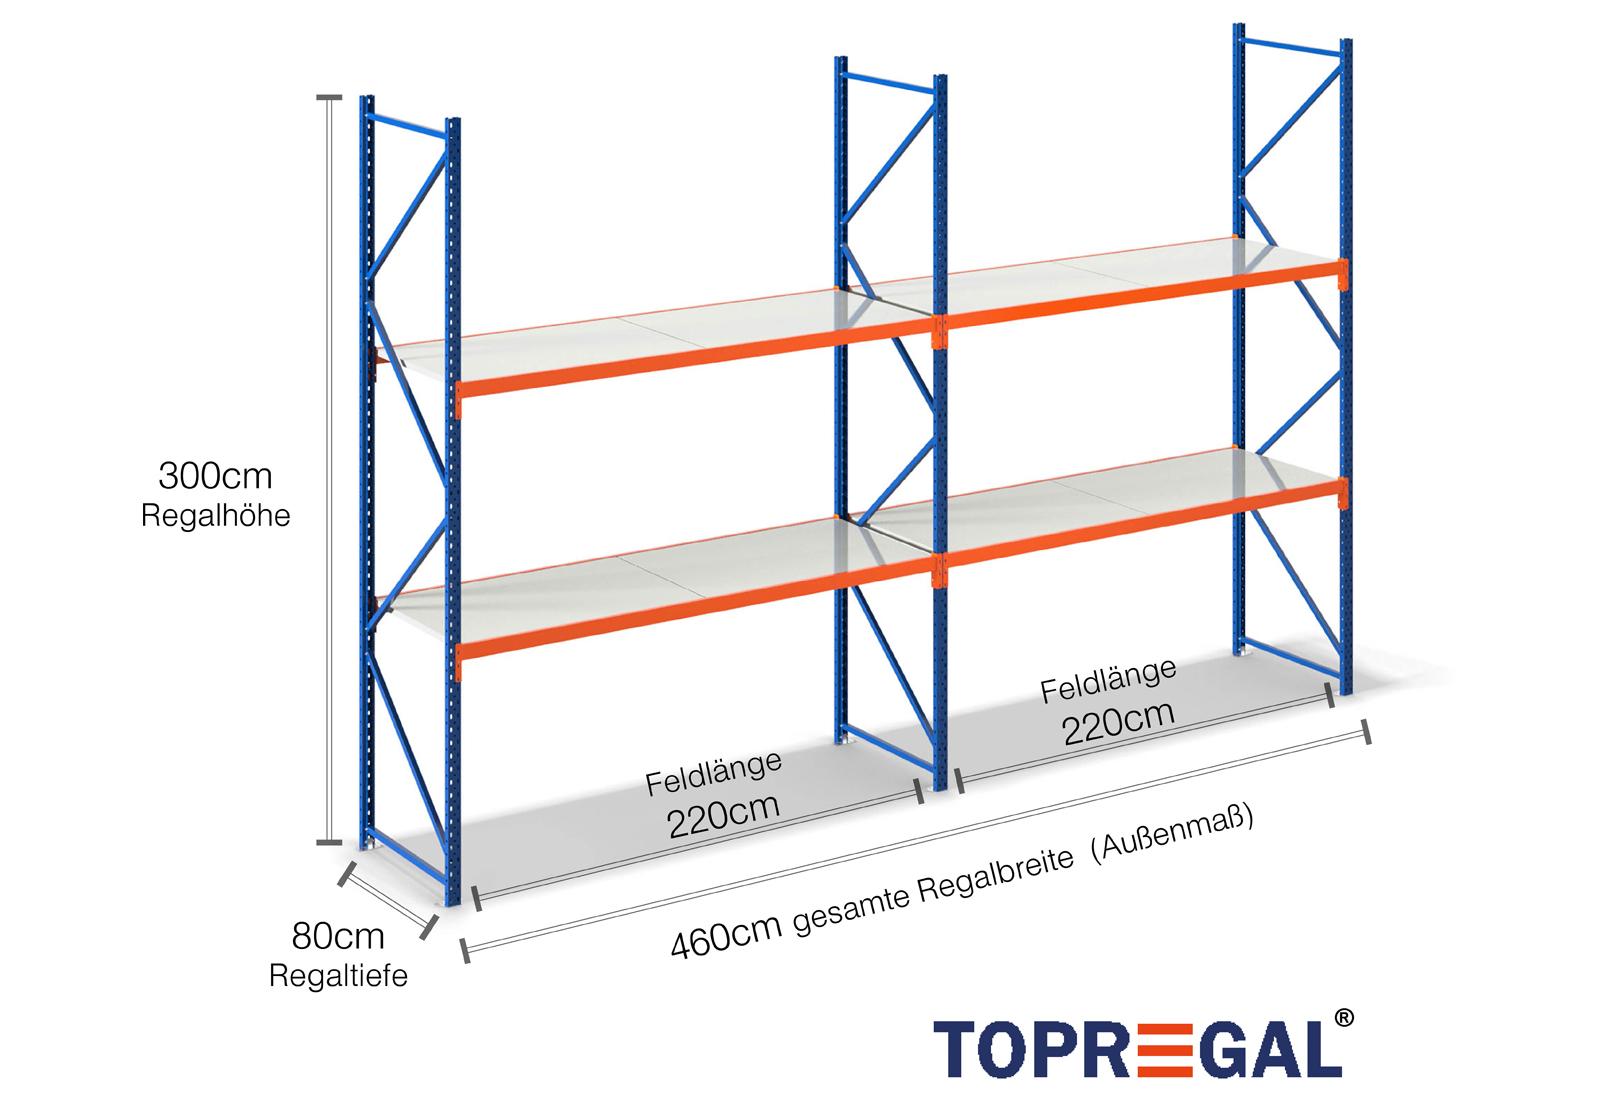 4 6m lagerregal 300cm hoch 80cm tief mit 2 ebenen inkl for Gartenteich 80 cm tief